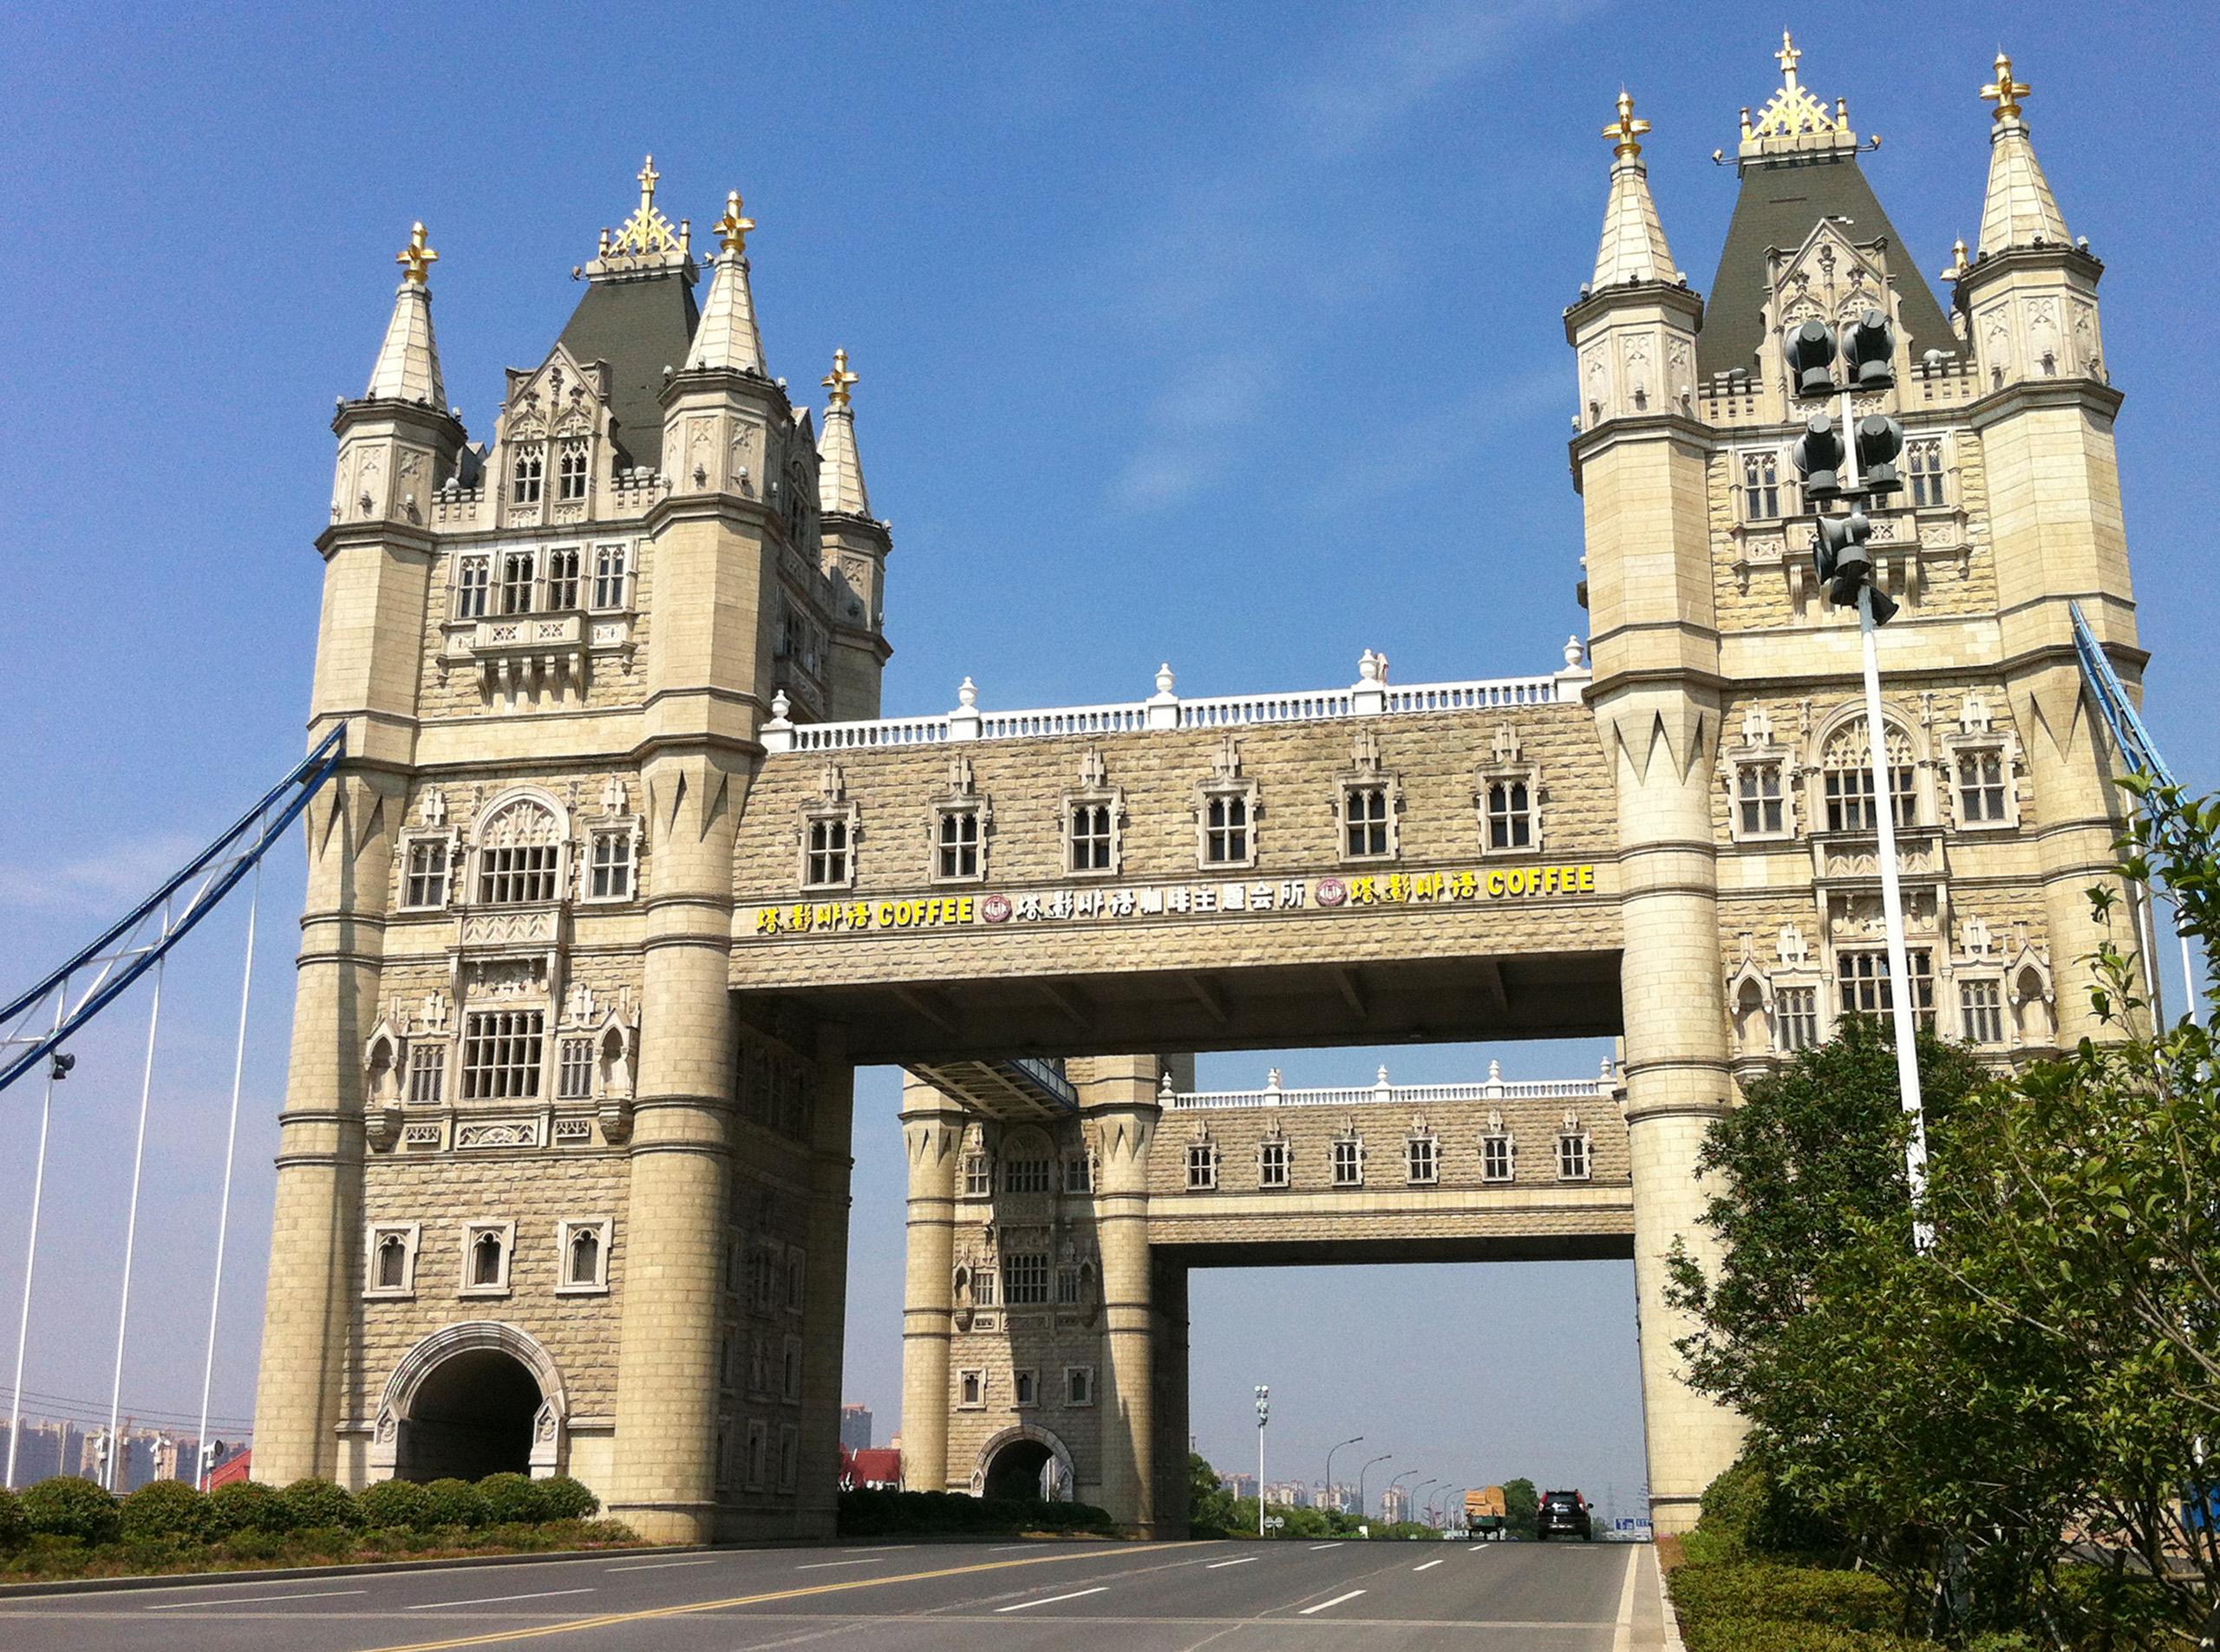 A view of the cloned London Bridge in Suzhou, Jiangsu province.